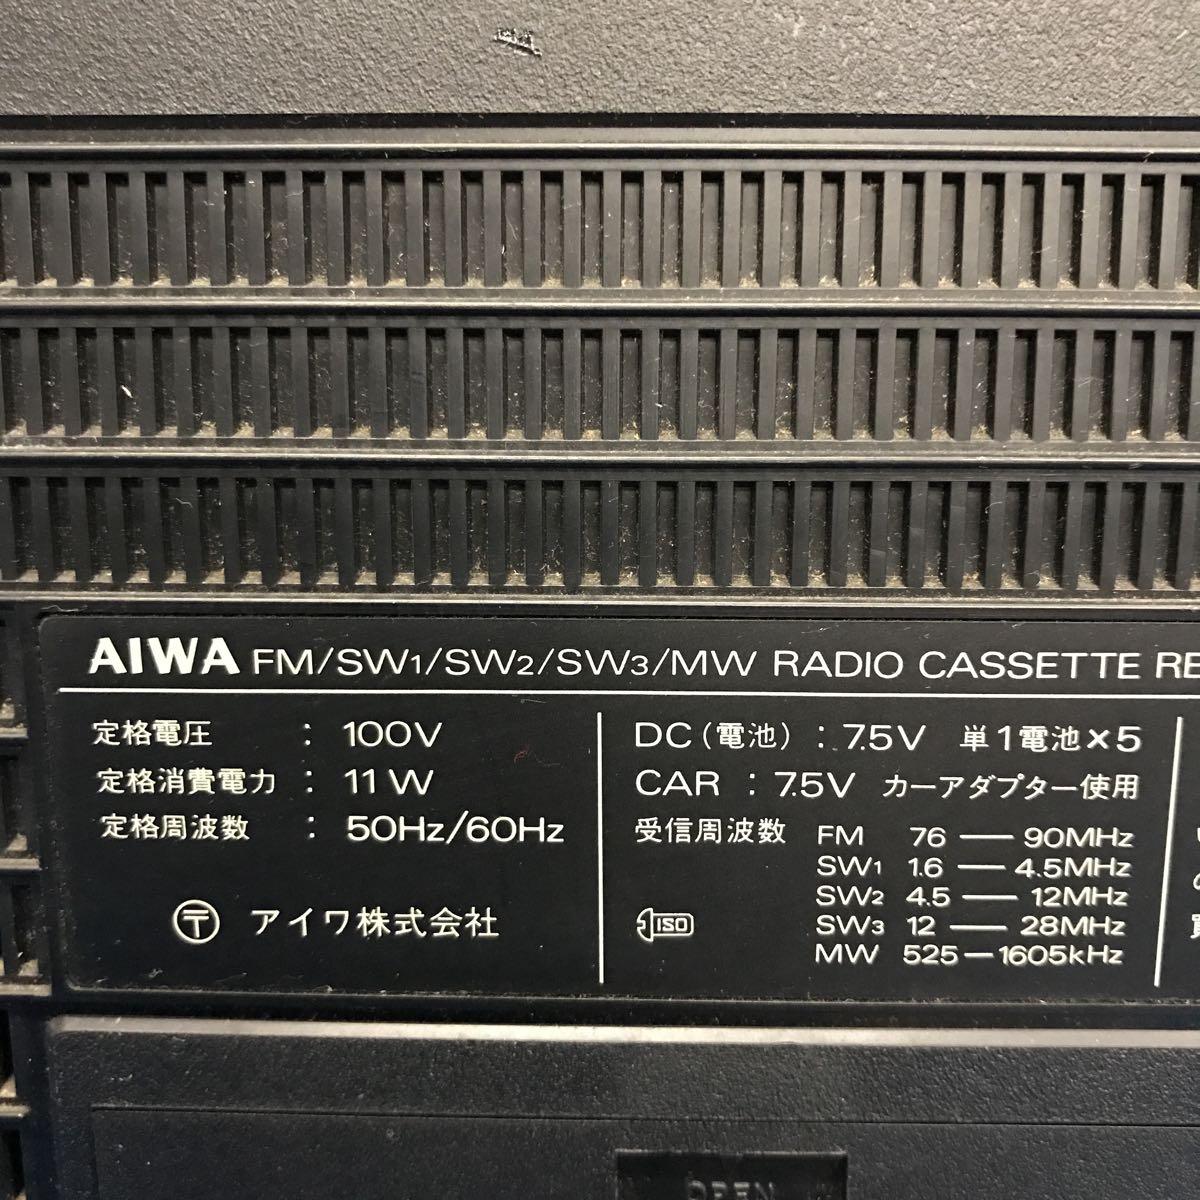 AIWA/アイワ 5バンド ラジオカセットレコーダー BCLレコーダー TPR-255 電源コード付き 【ジャンク品/現状渡し/部品取り/修理前提】_画像6